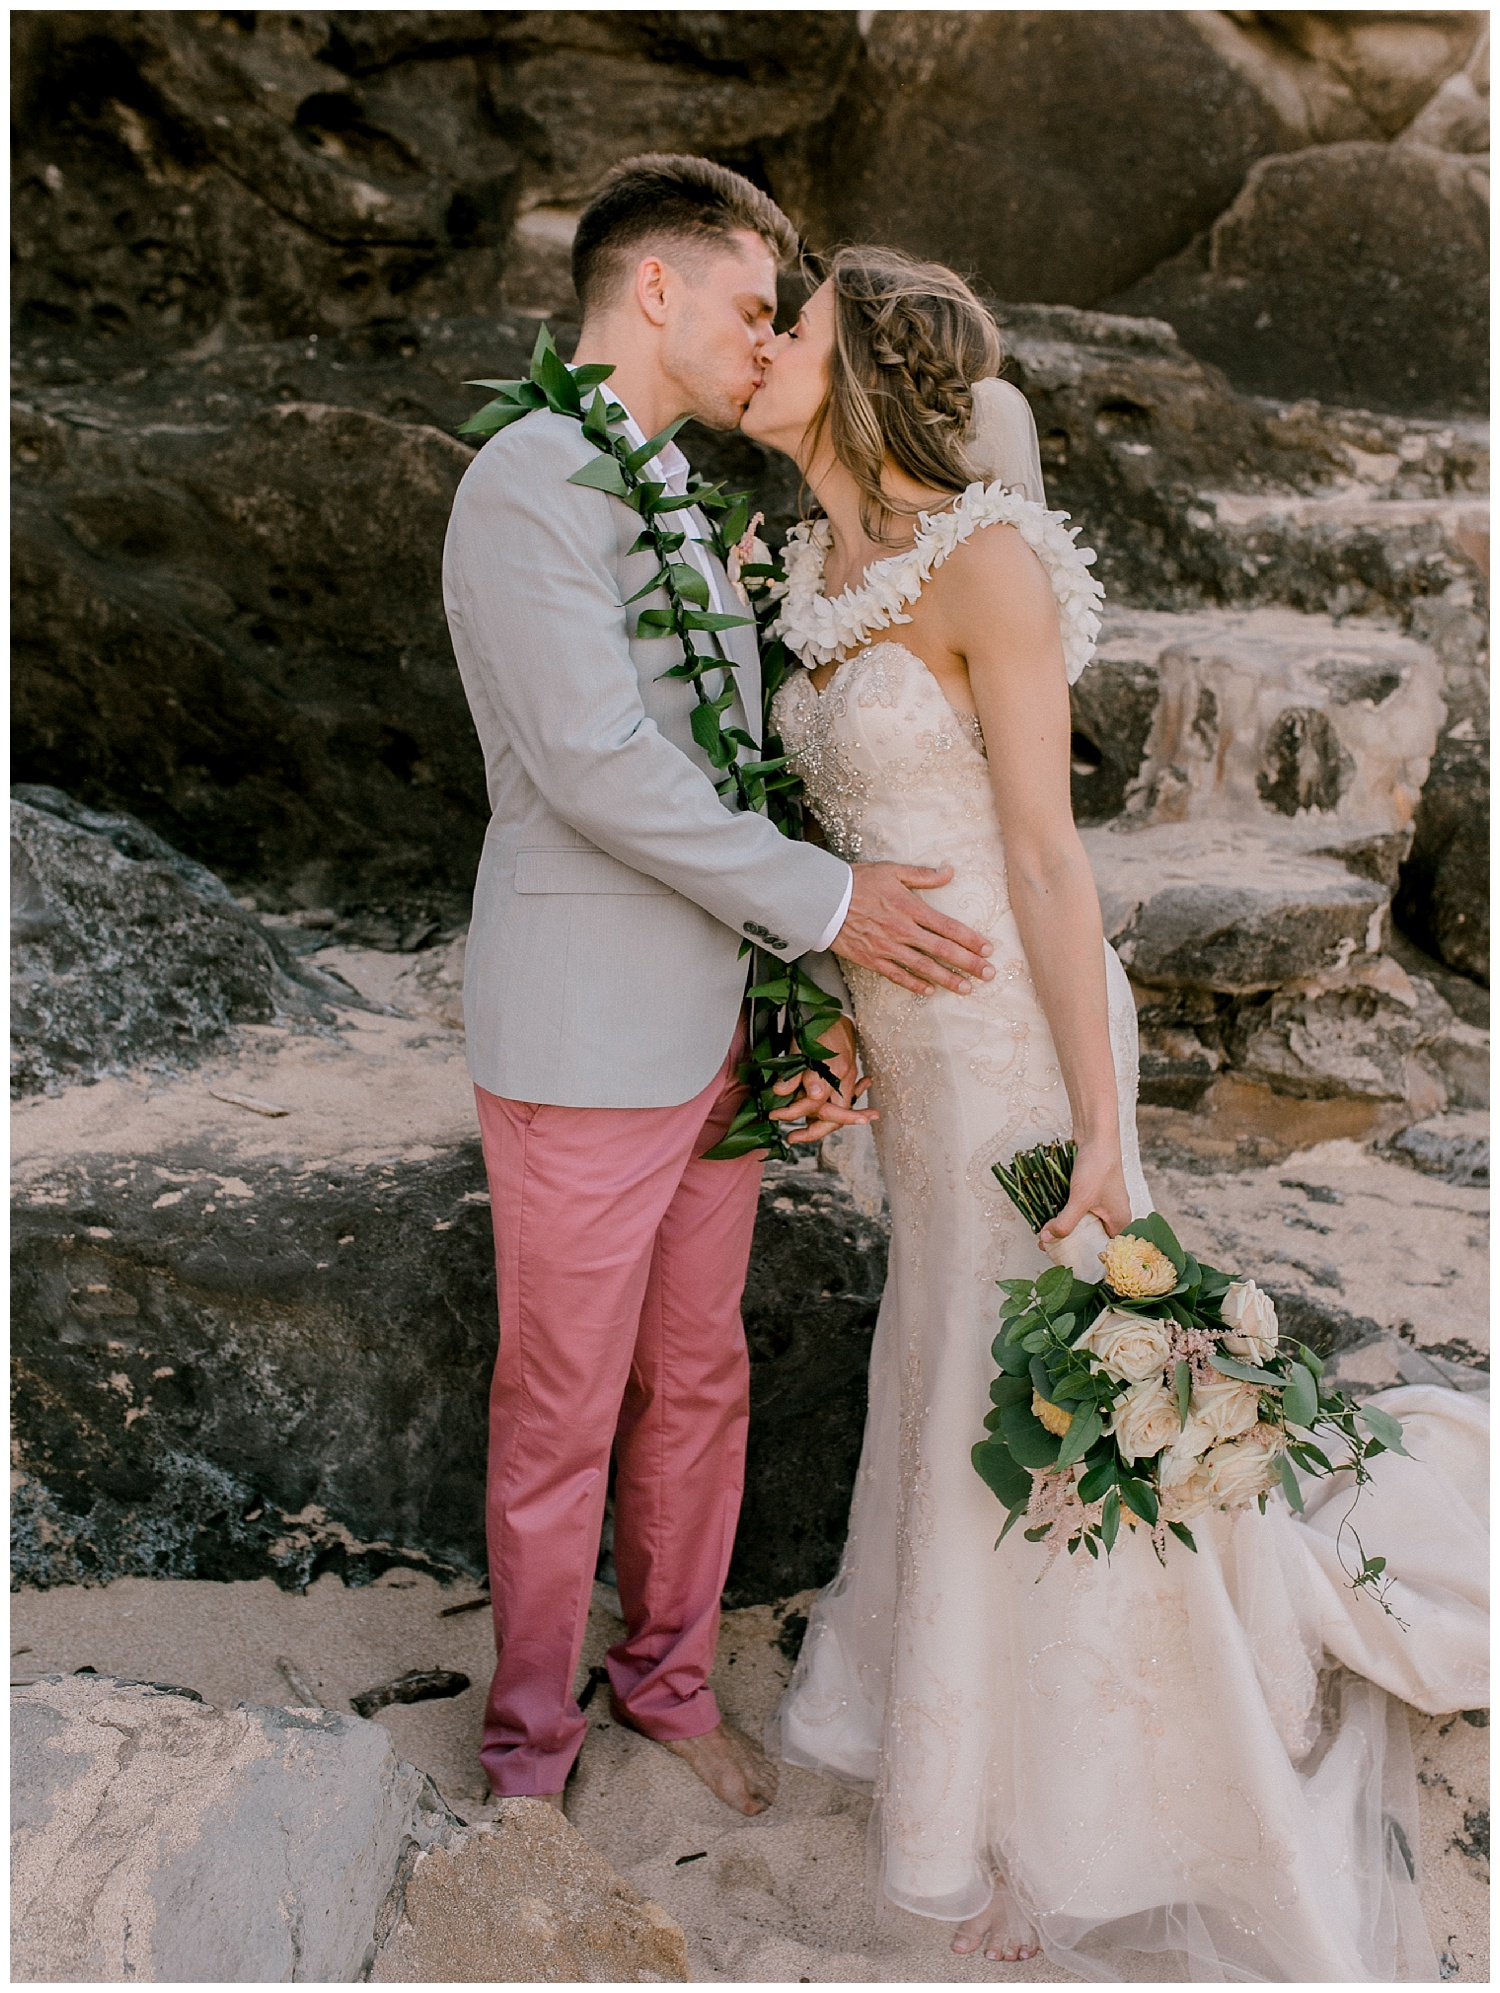 Maui-Elopement-Photography-Ironwoods-Elopement_0122.jpg